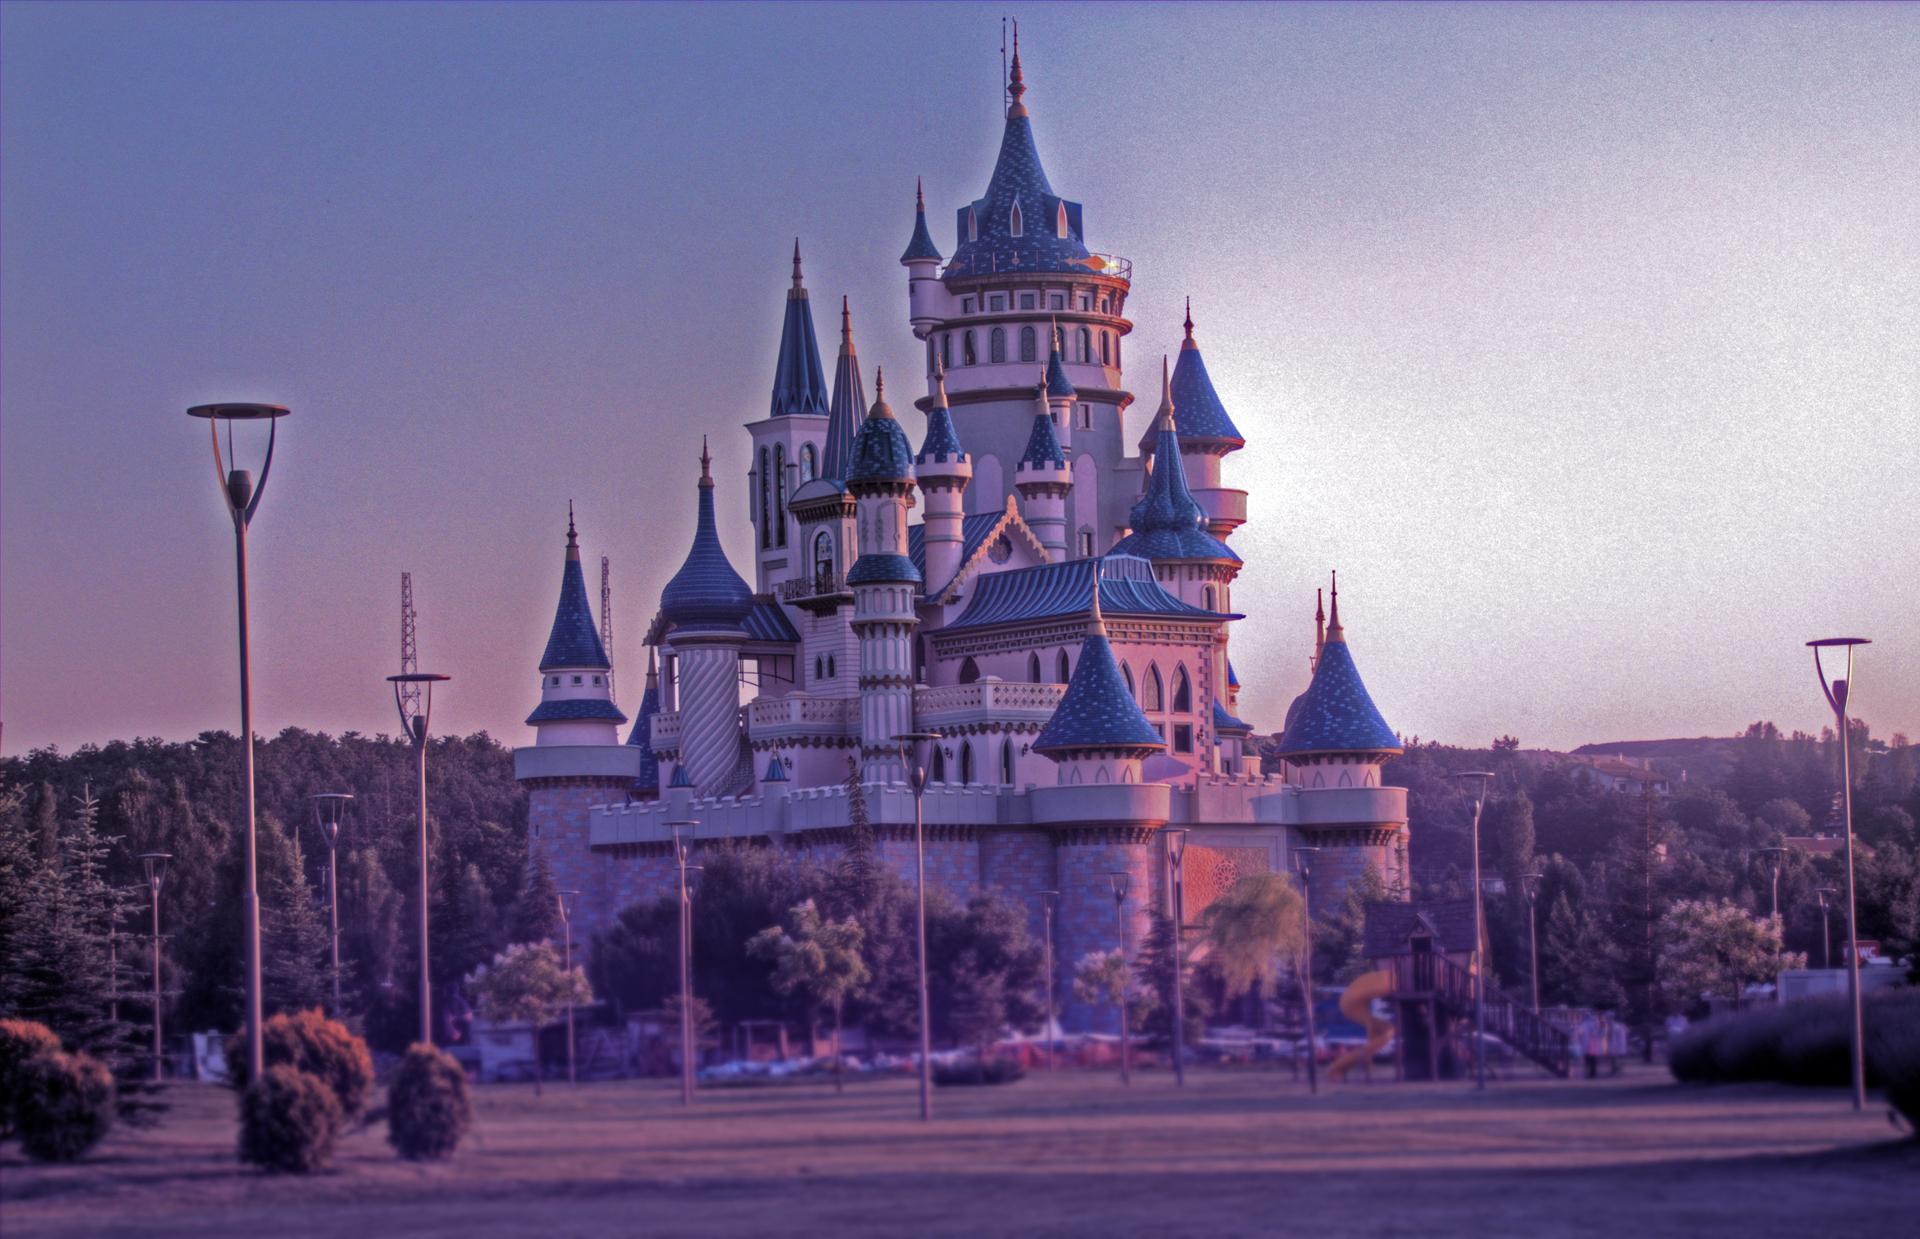 M: Htel Vienna House Dream Castle - Magny-le-Hongre